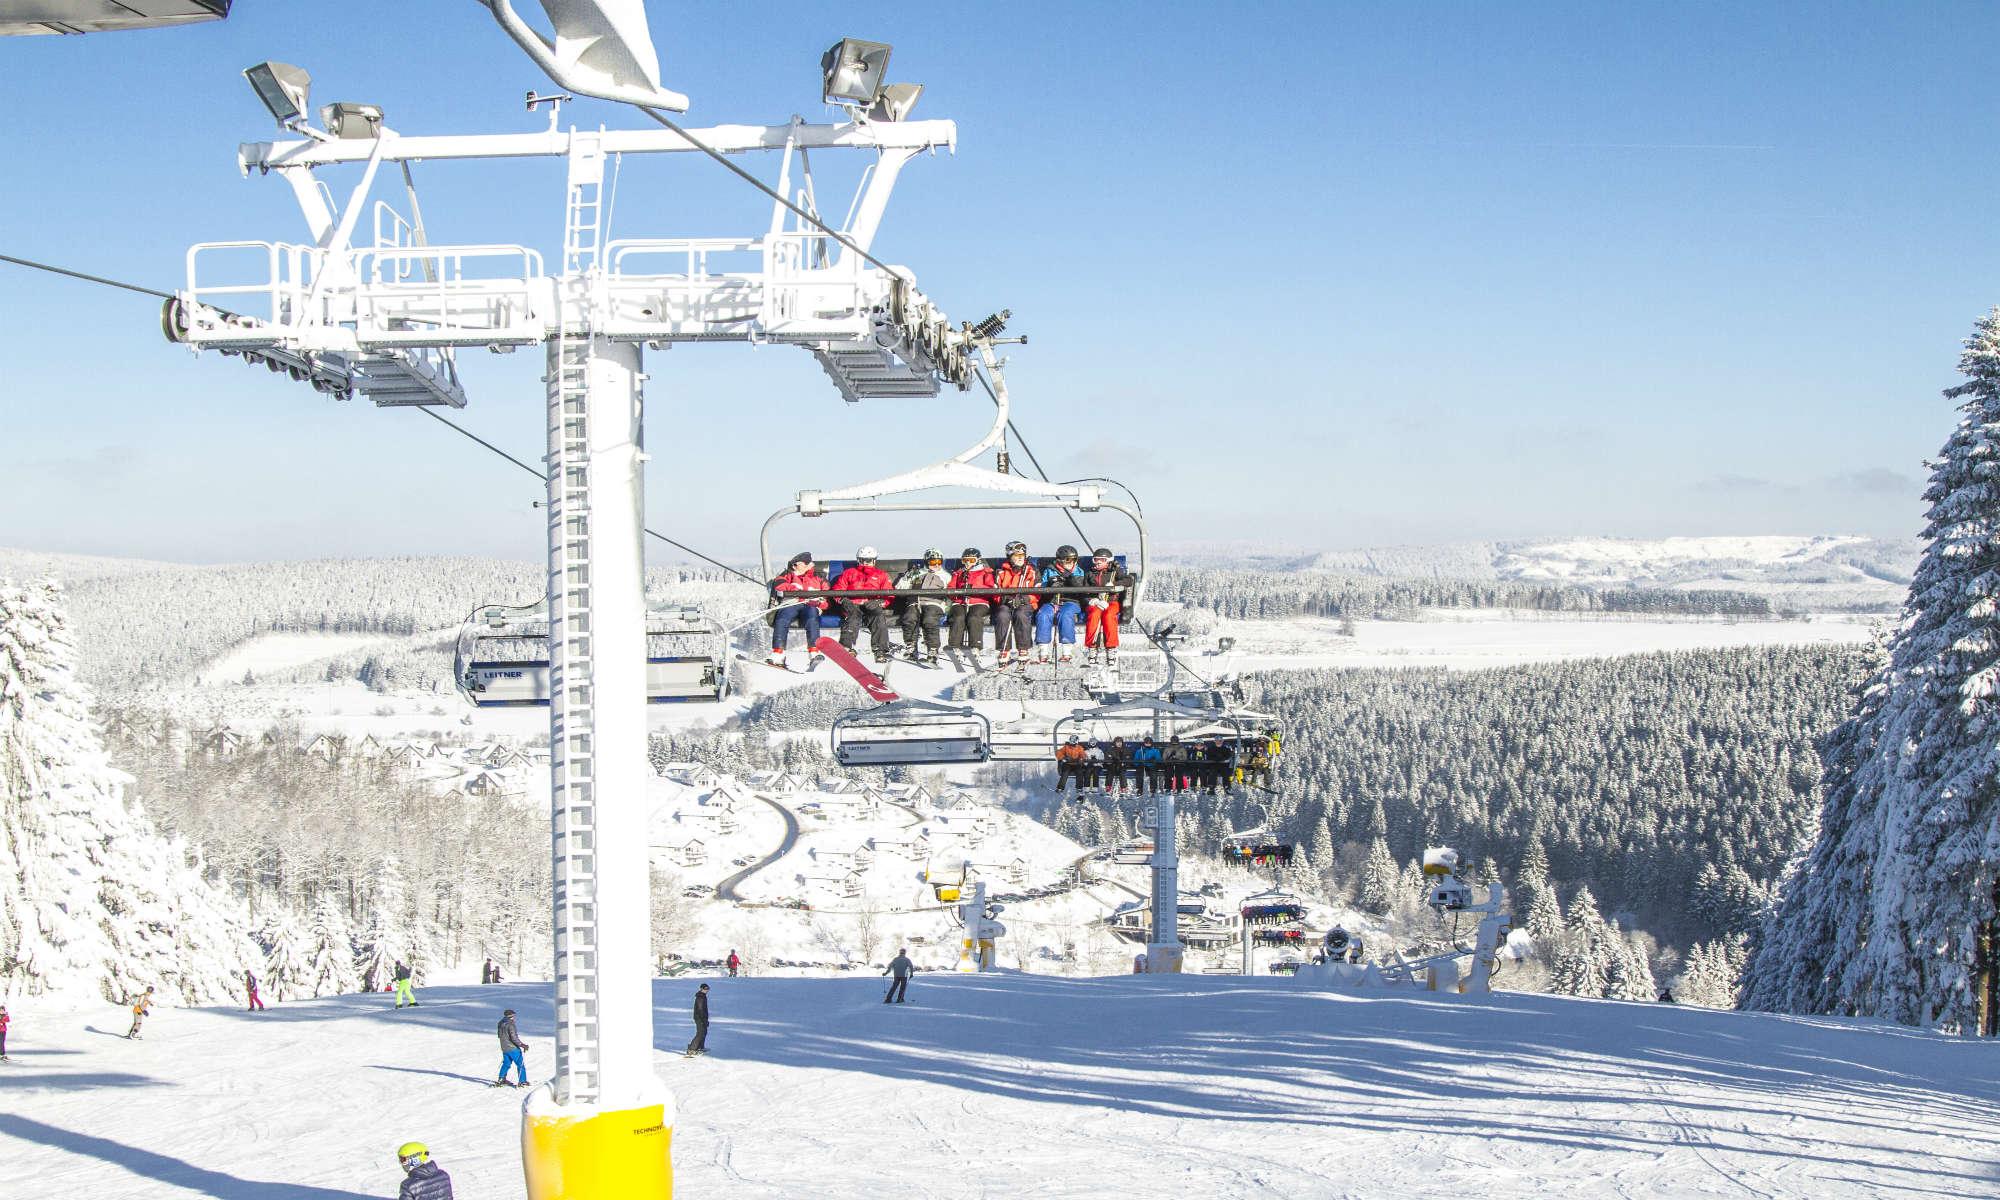 Blik op een skilift en een zonnig winters landschap in Winterberg.